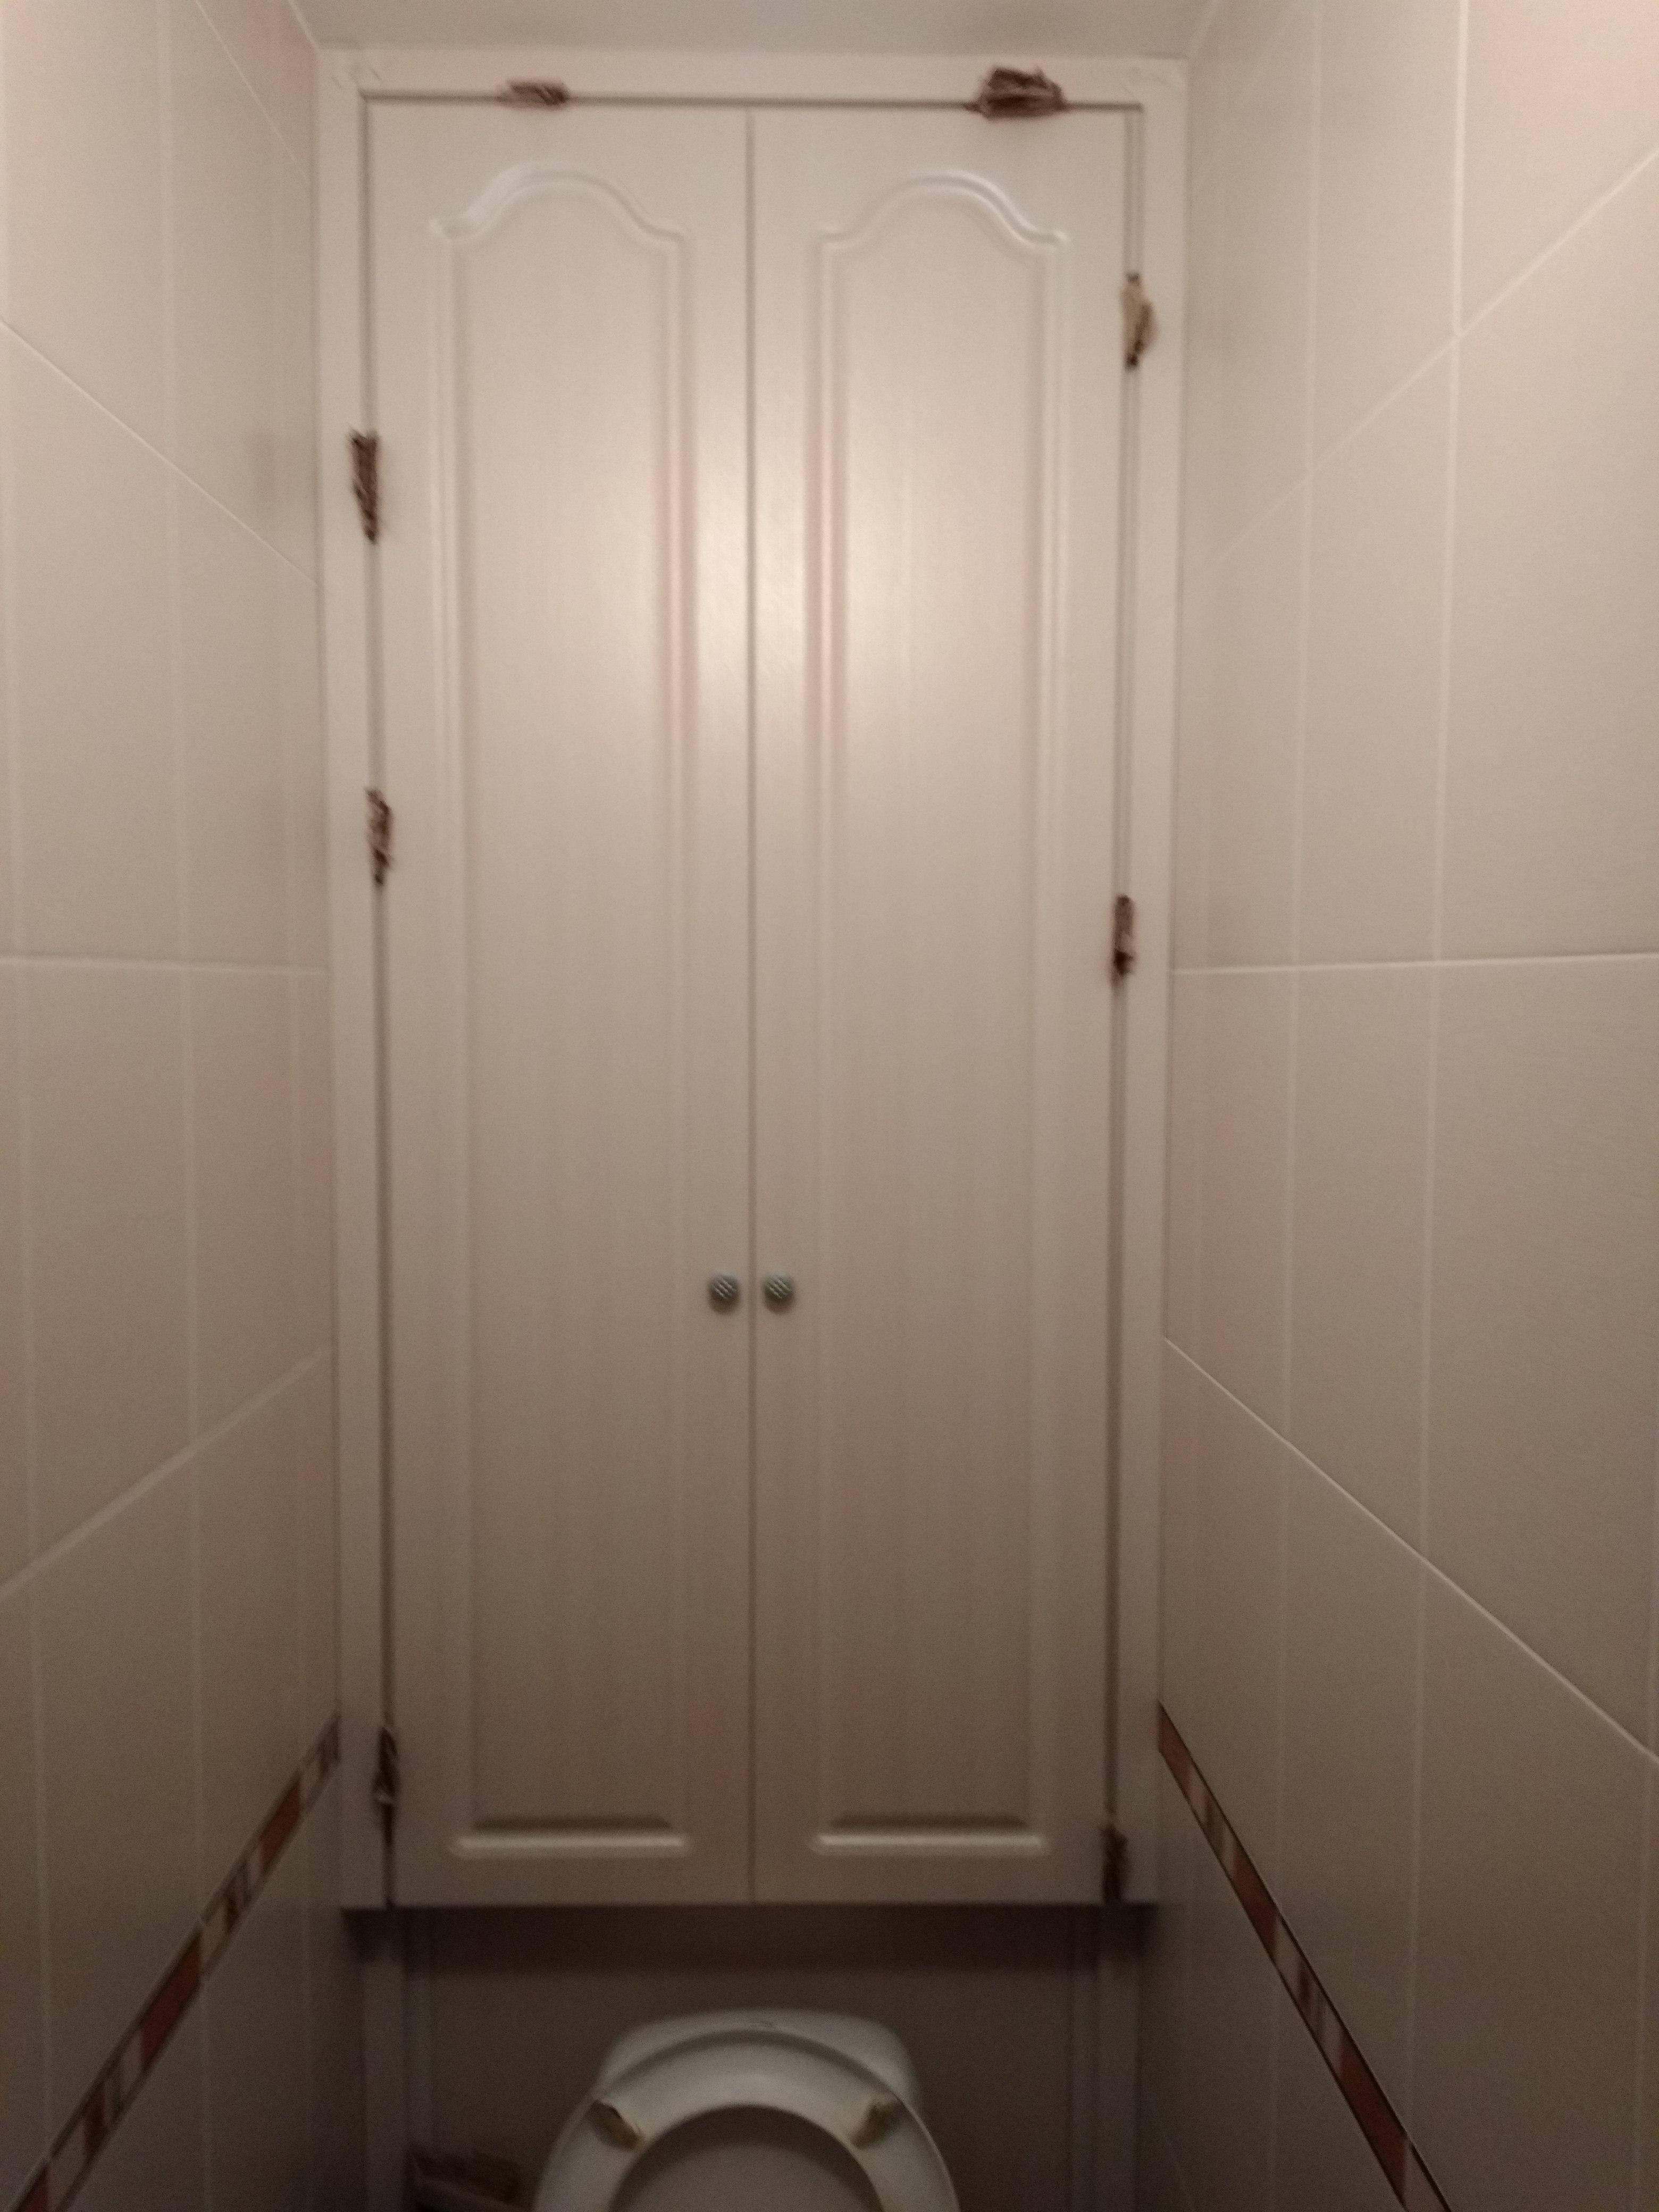 дверцы для сантехнического шкафа в туалете какими могут быть